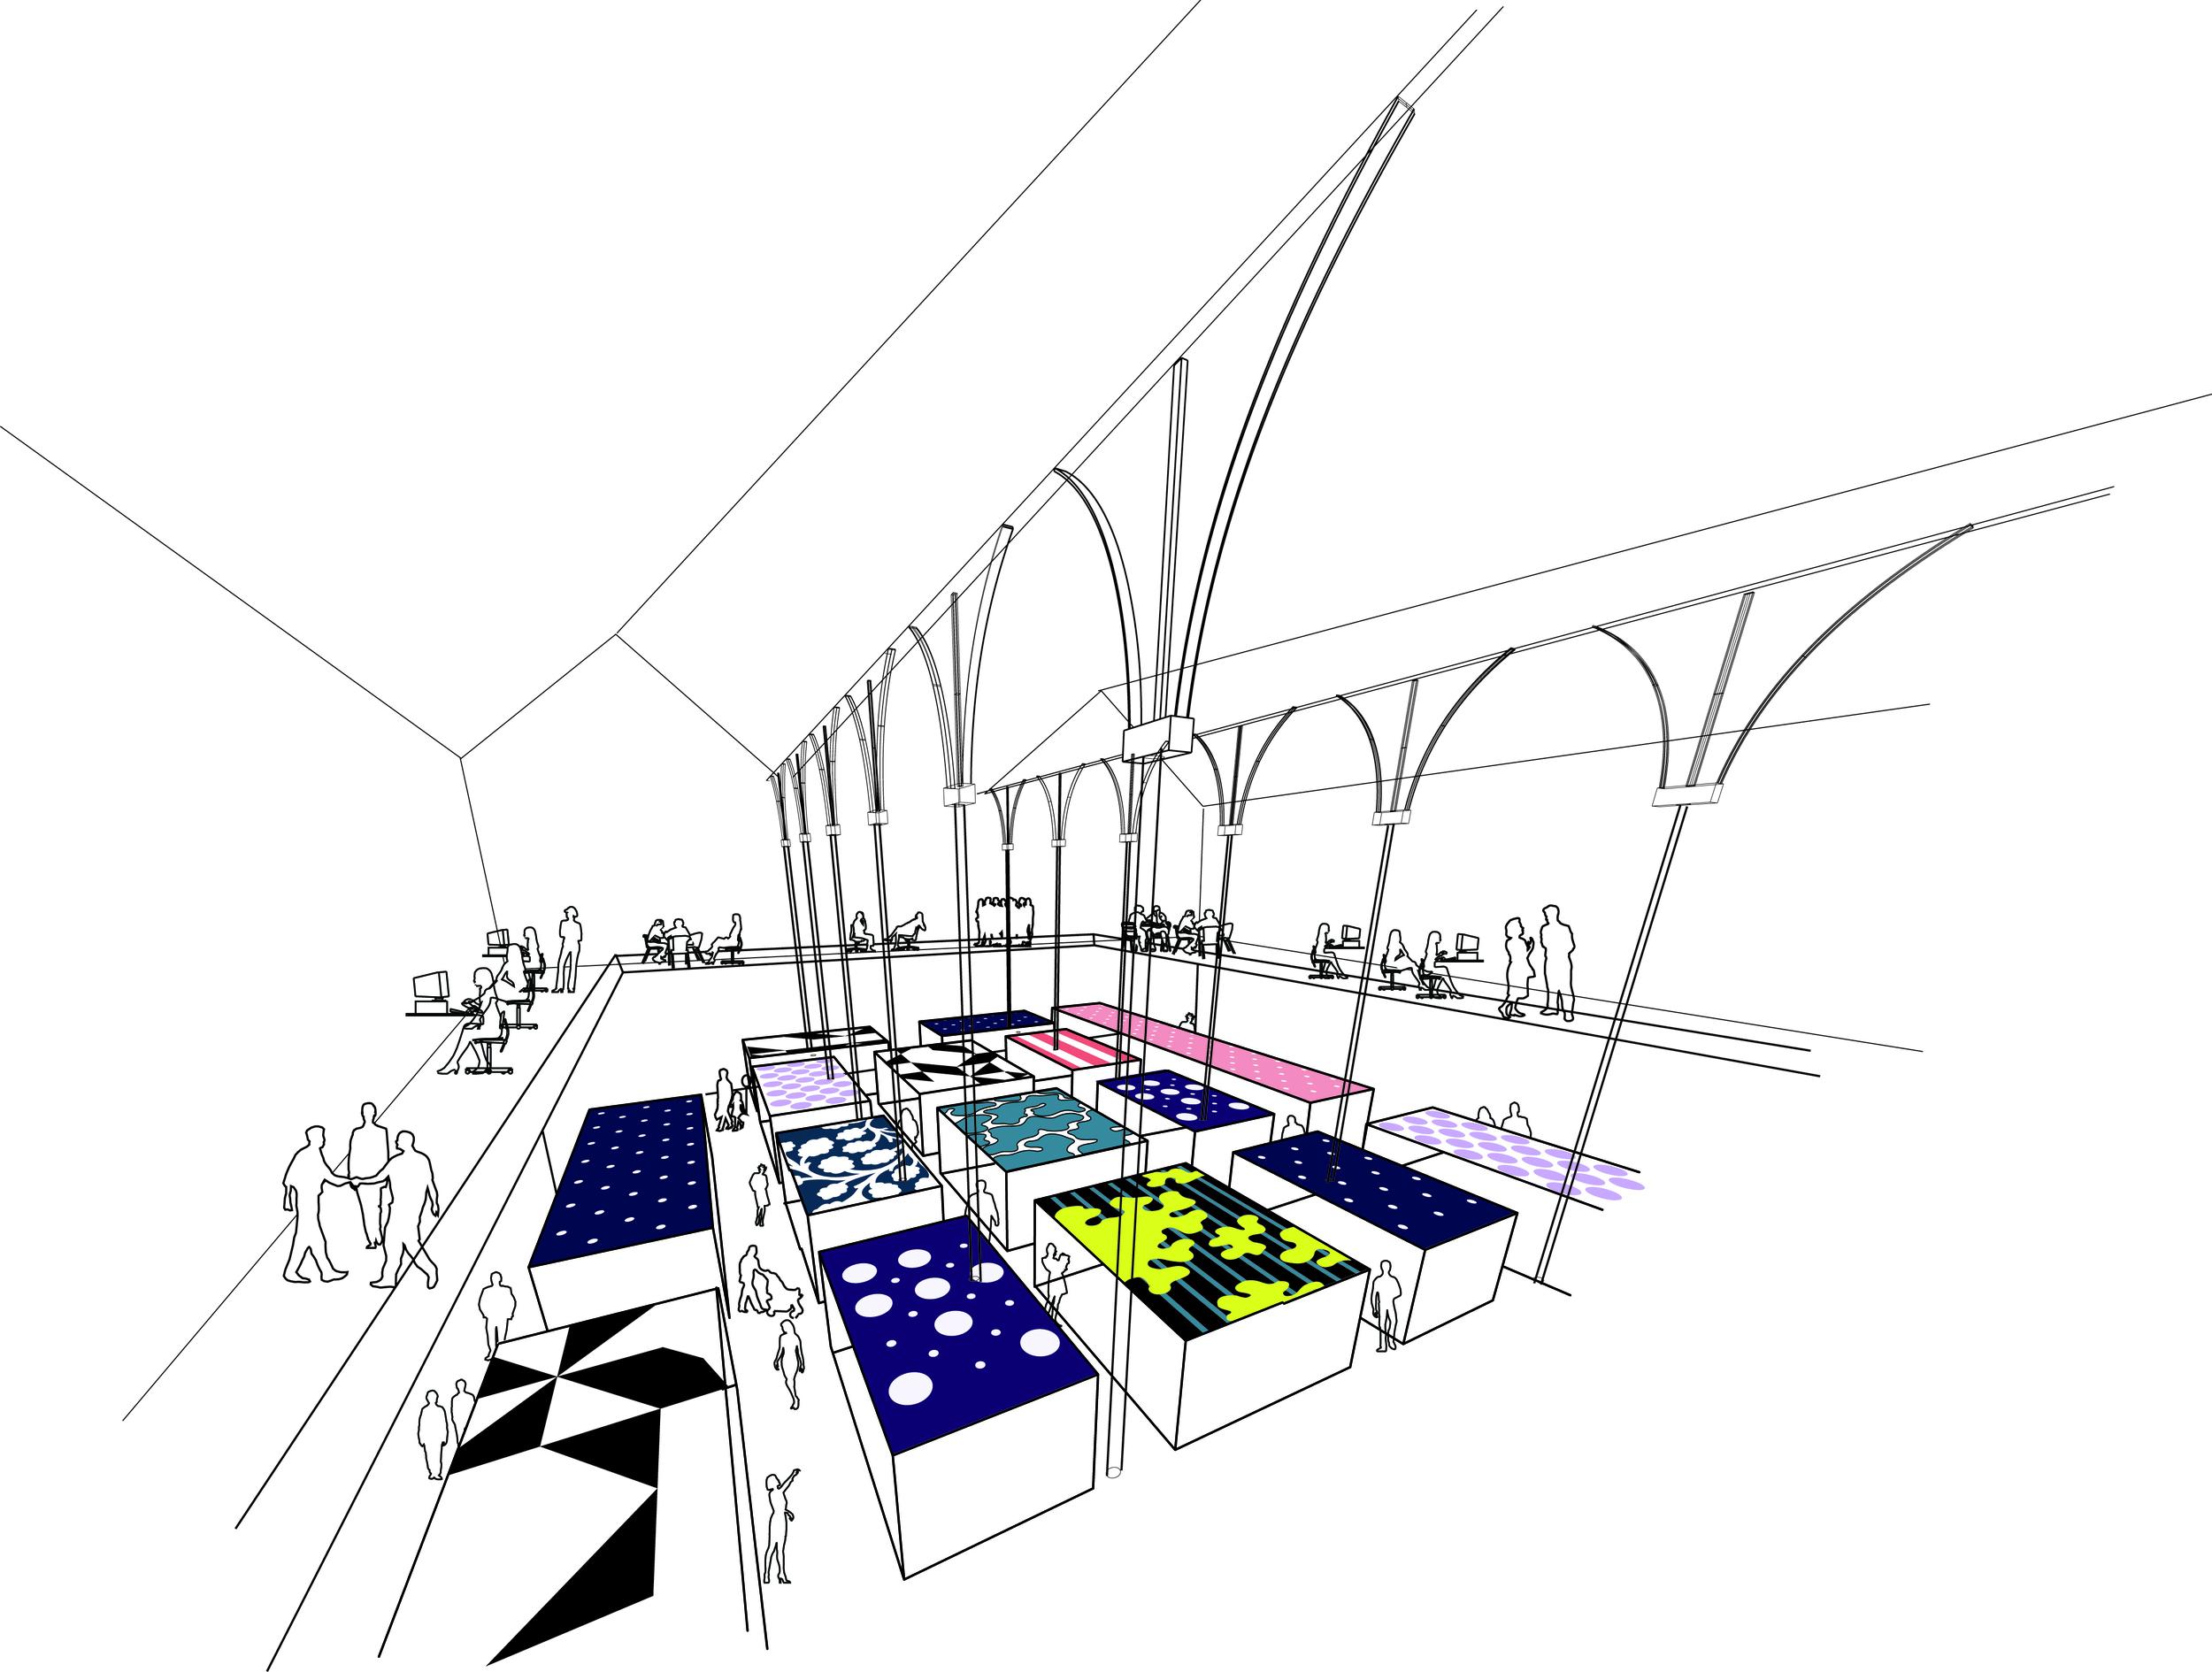 BA_pennine_drawing market interior.jpg